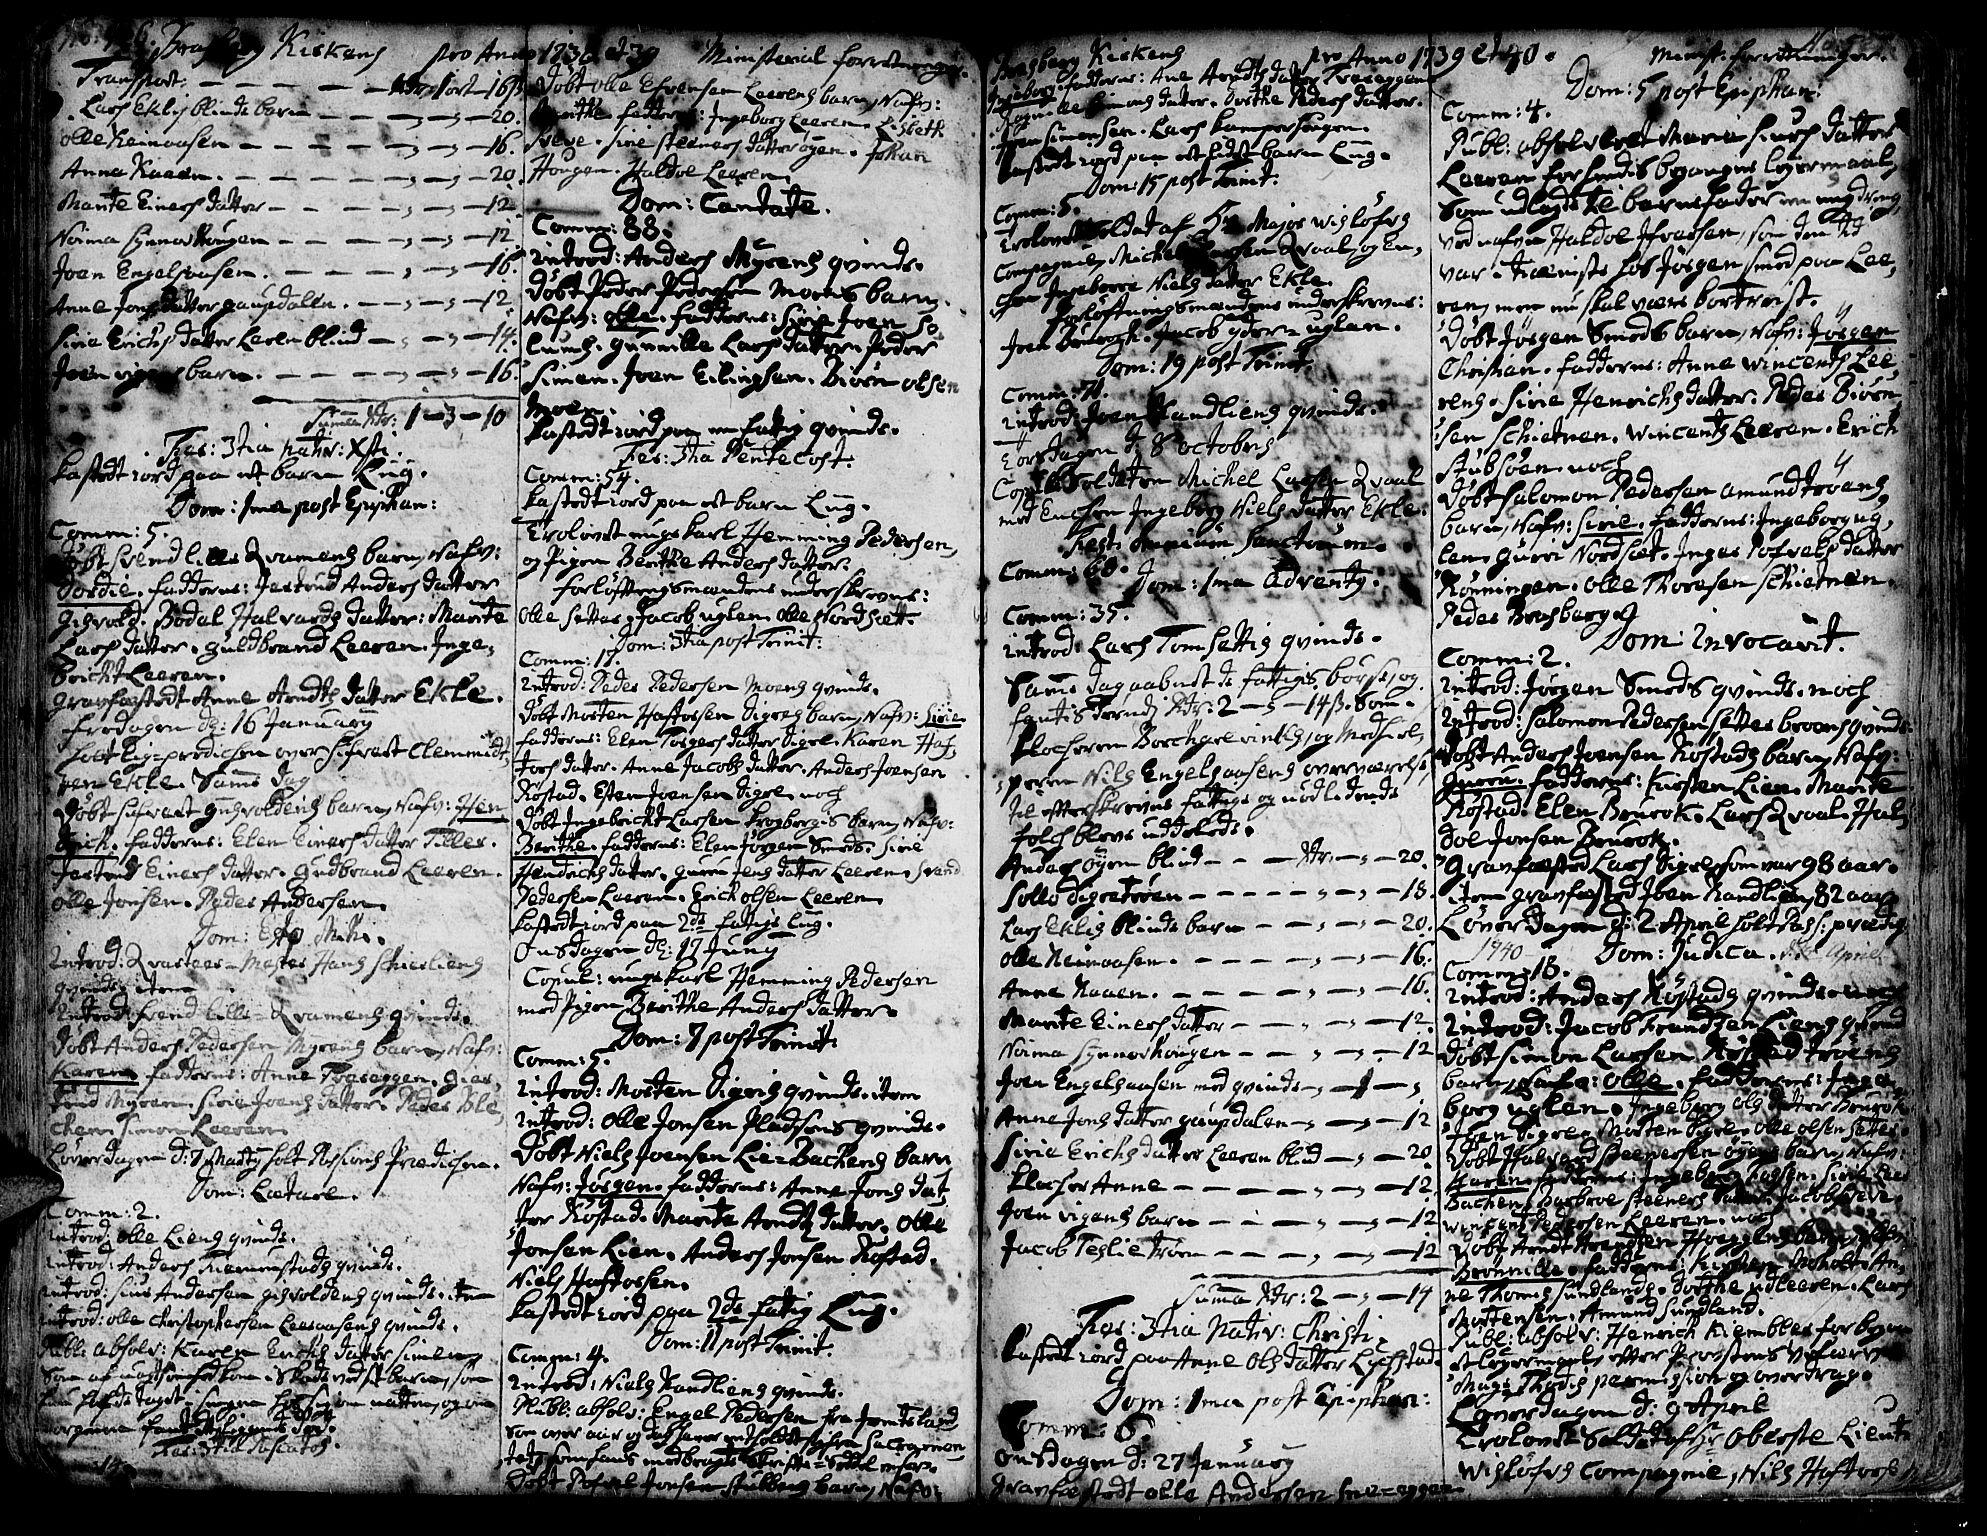 SAT, Ministerialprotokoller, klokkerbøker og fødselsregistre - Sør-Trøndelag, 606/L0278: Ministerialbok nr. 606A01 /4, 1727-1780, s. 526-527